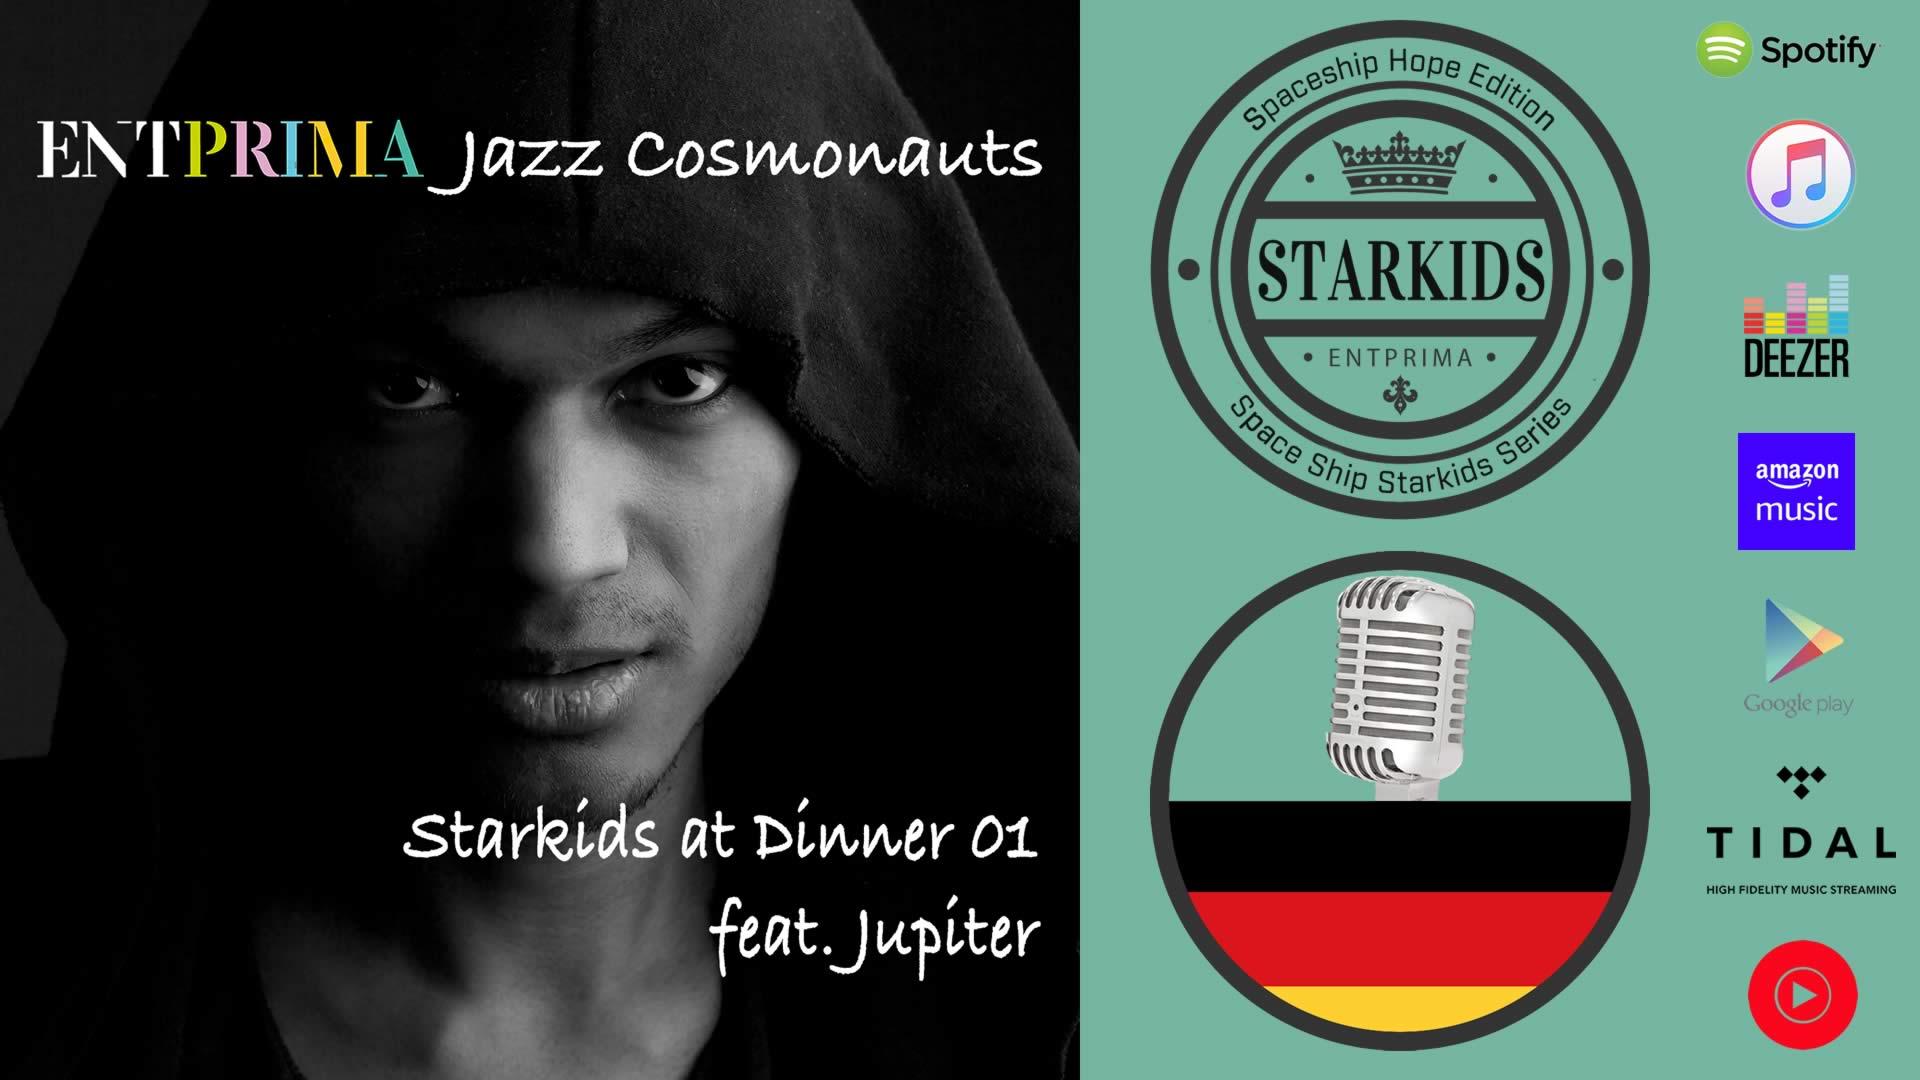 Starkids at Dinner 01